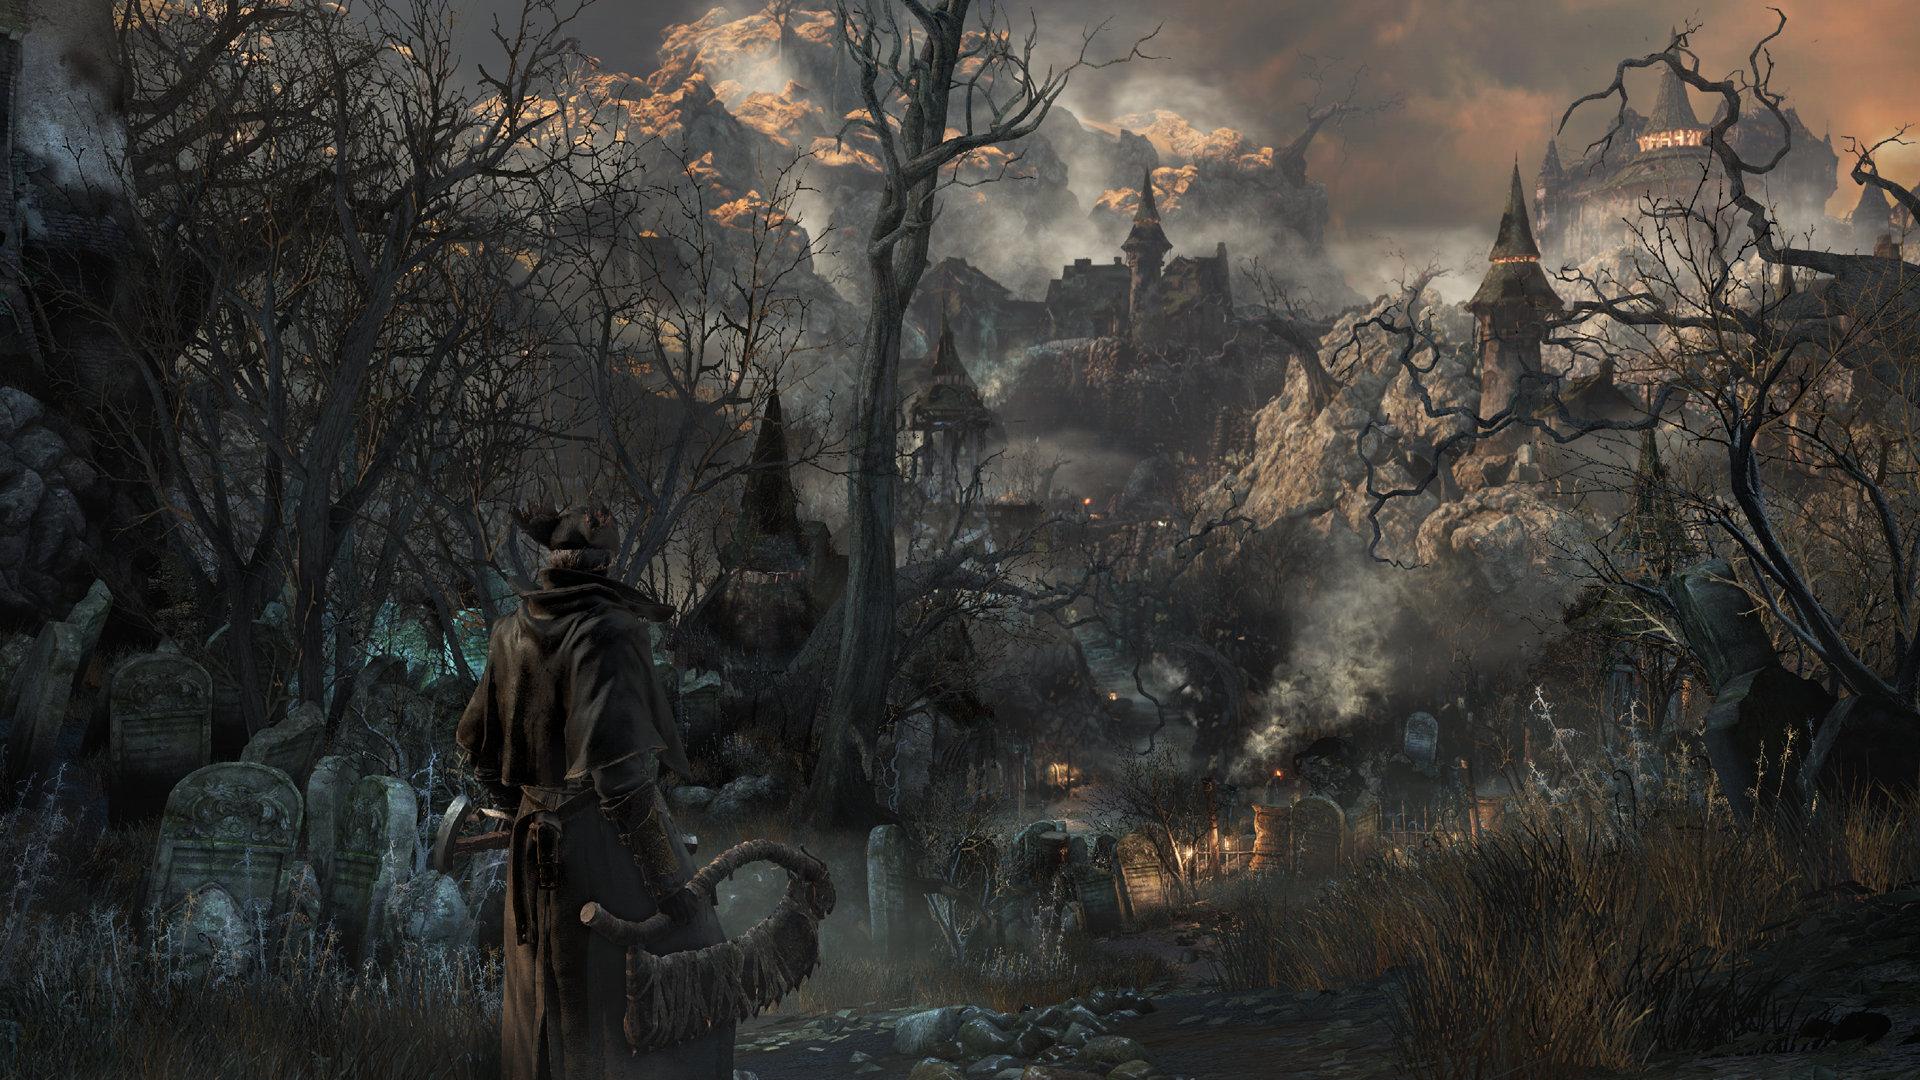 bloodborne-forest